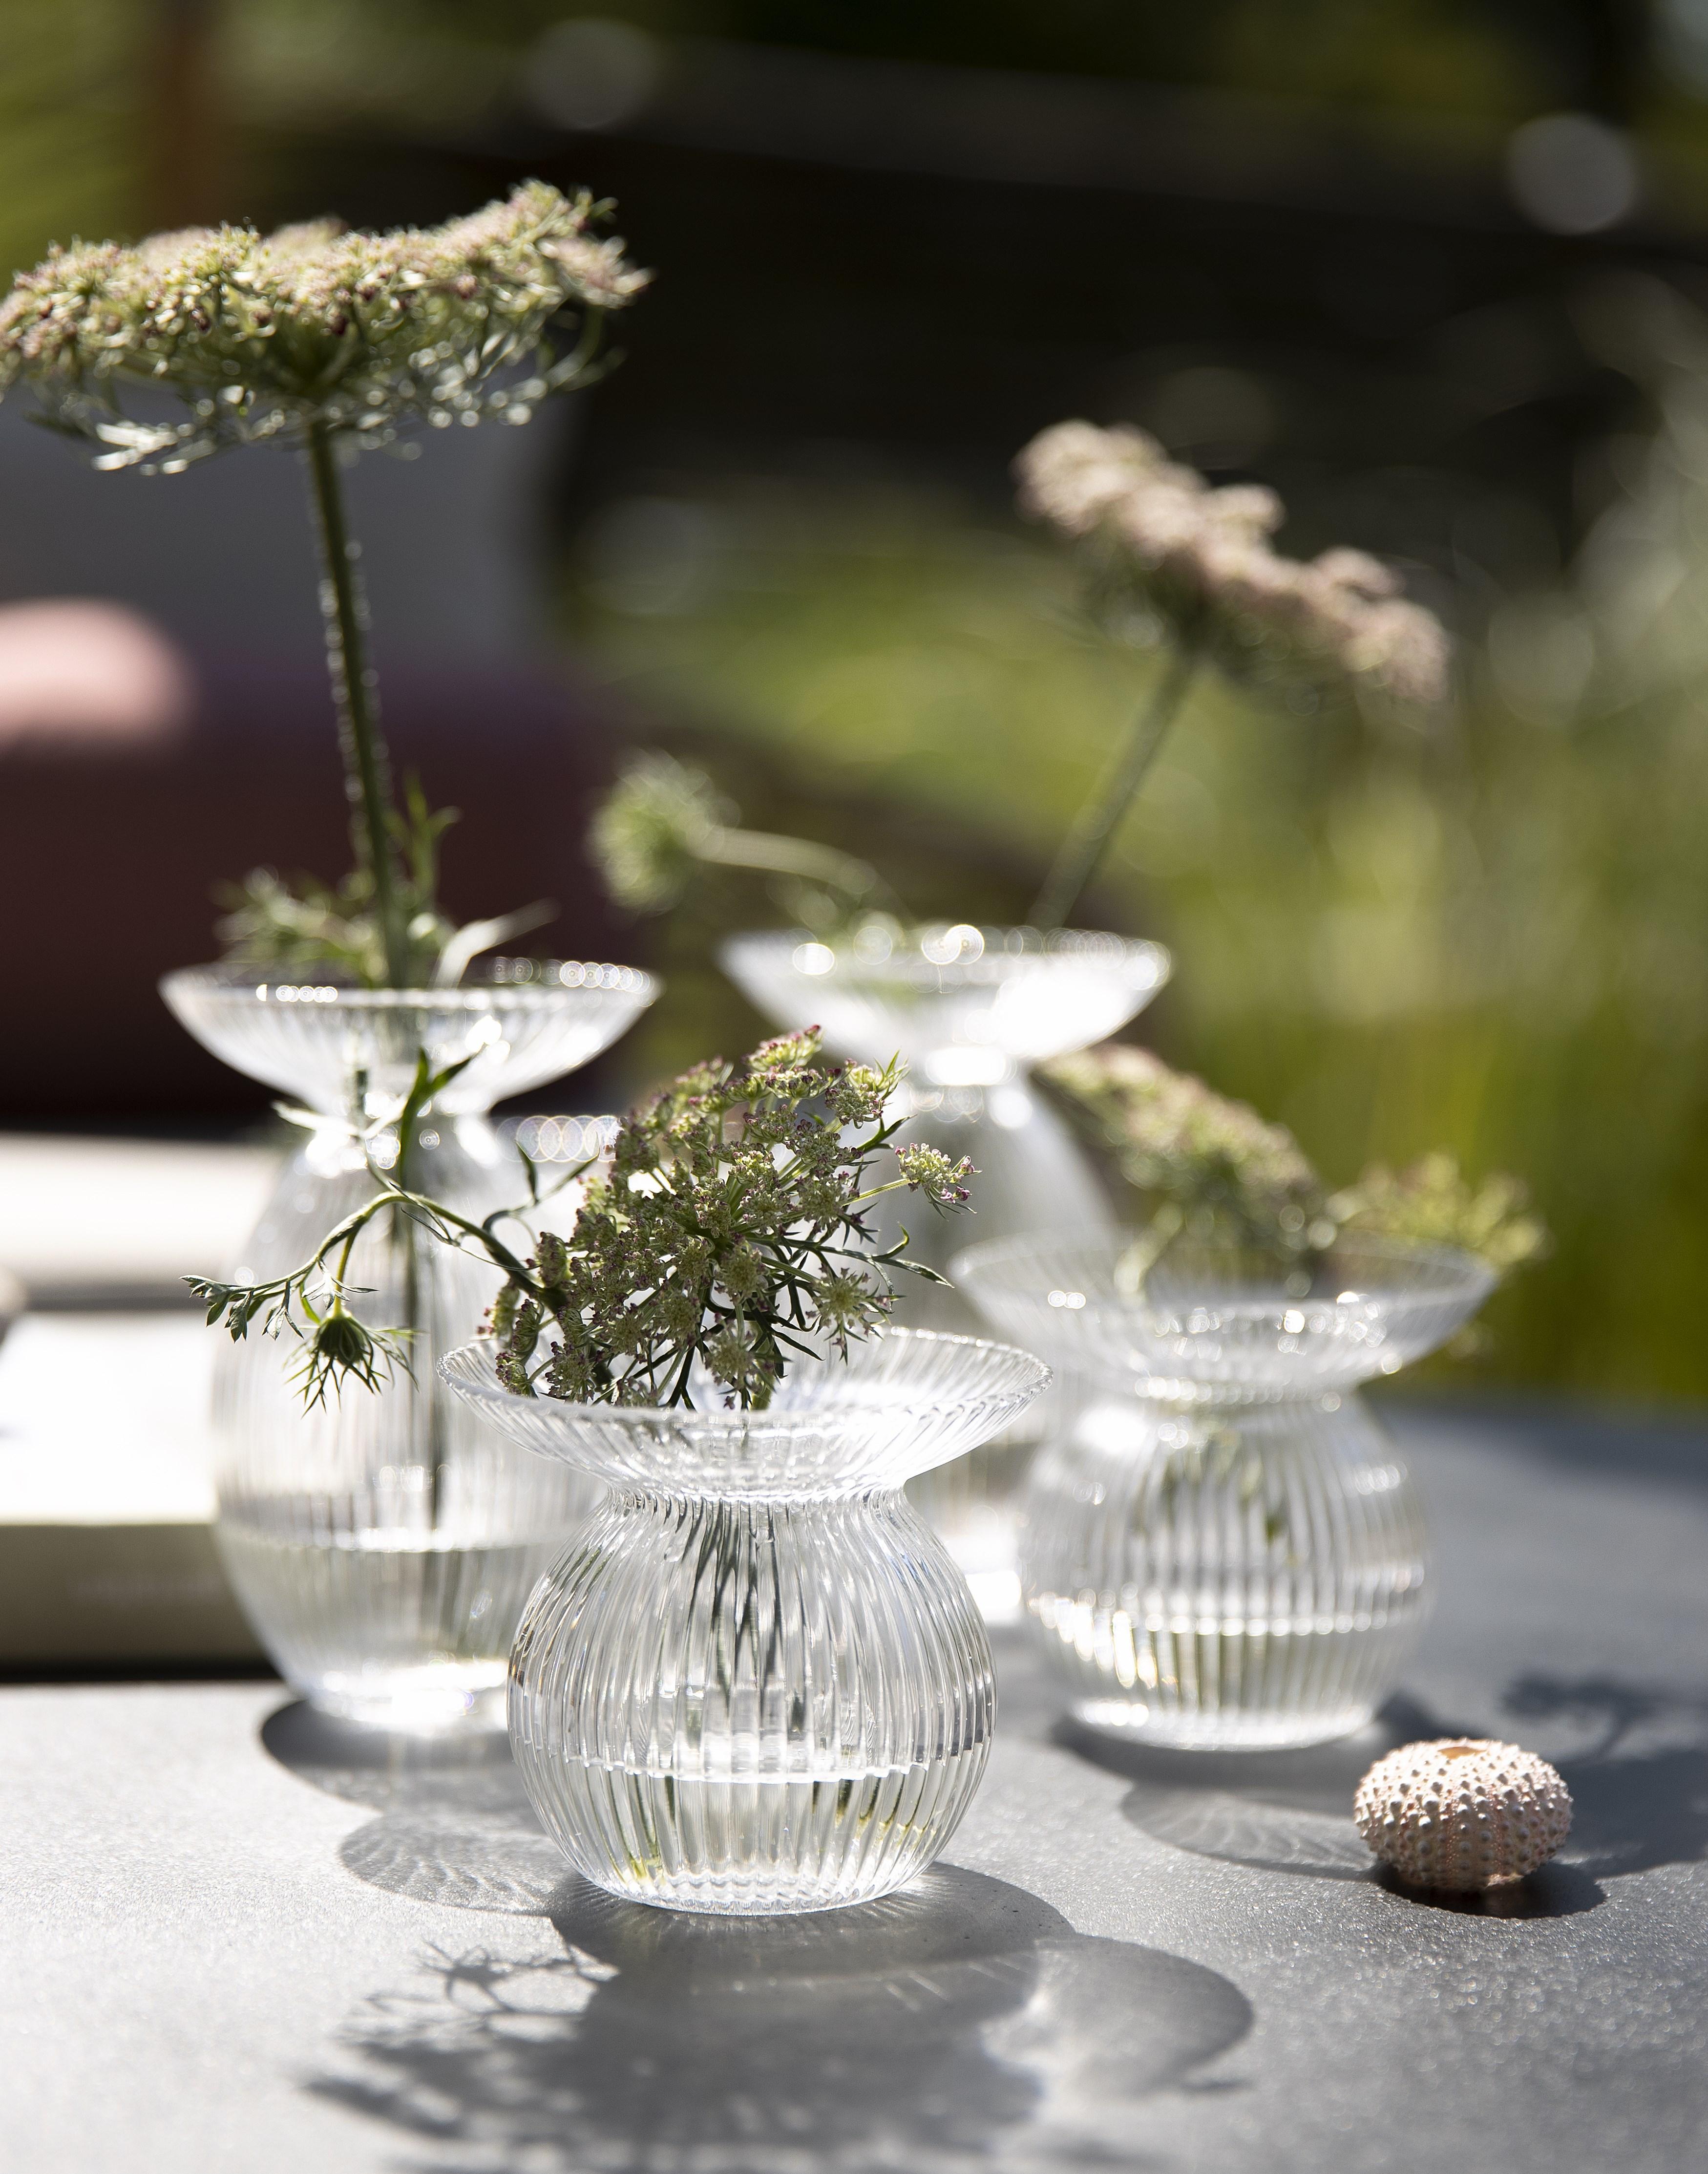 10 unikke og smukke vaser